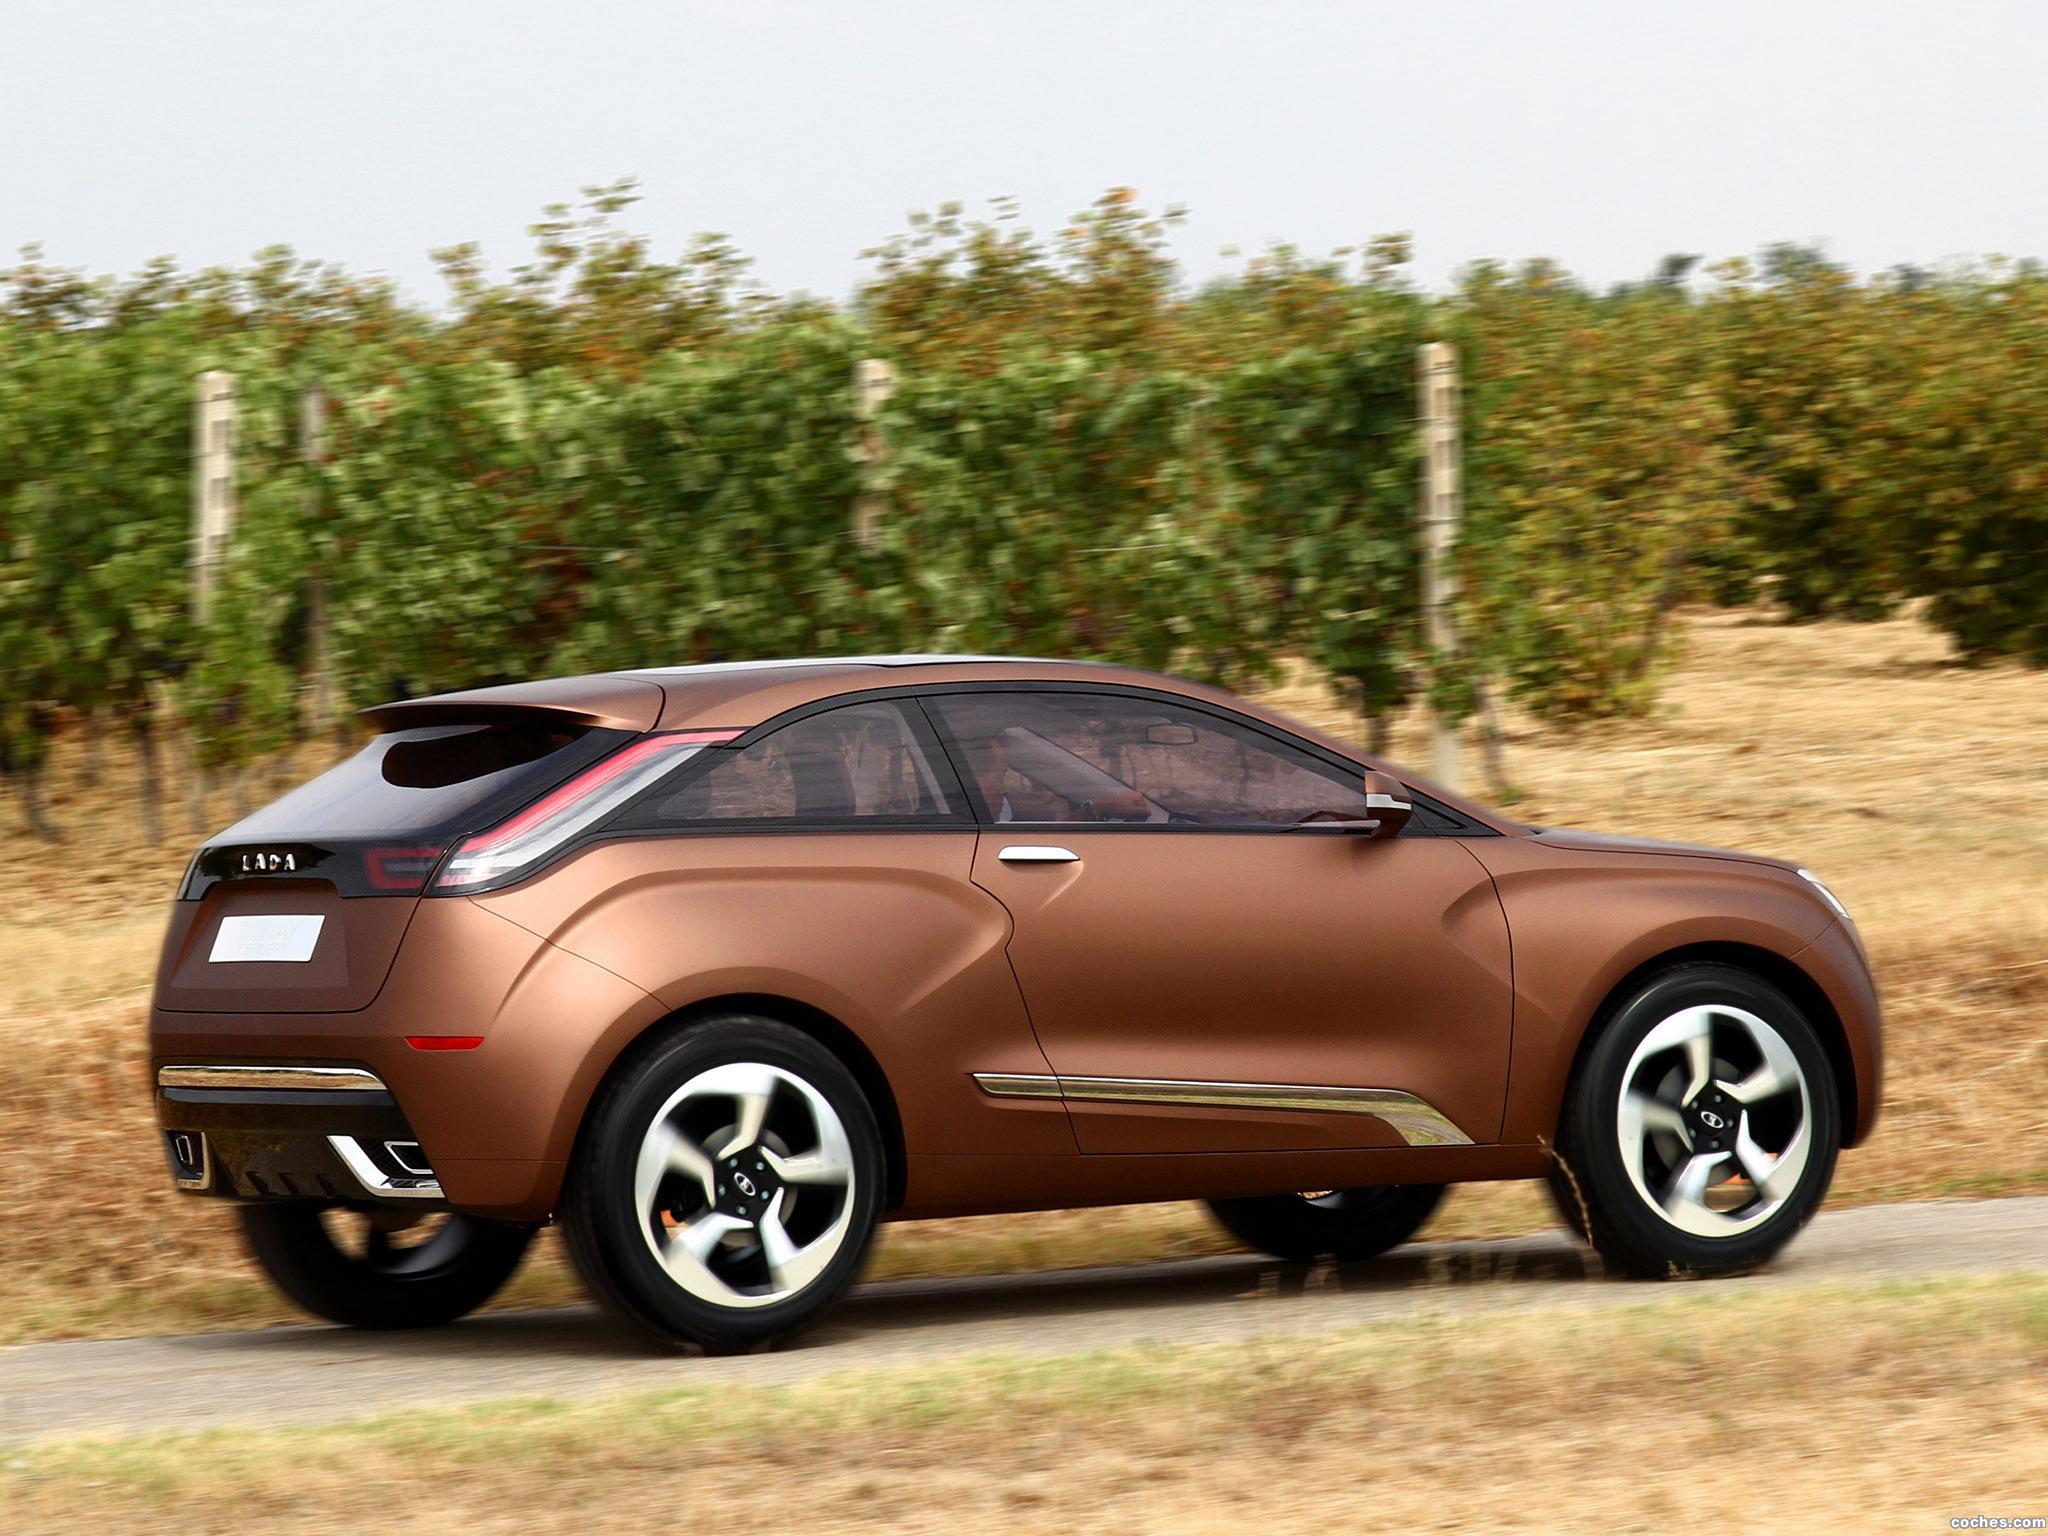 Foto 4 de Lada XRAY Concept 2012